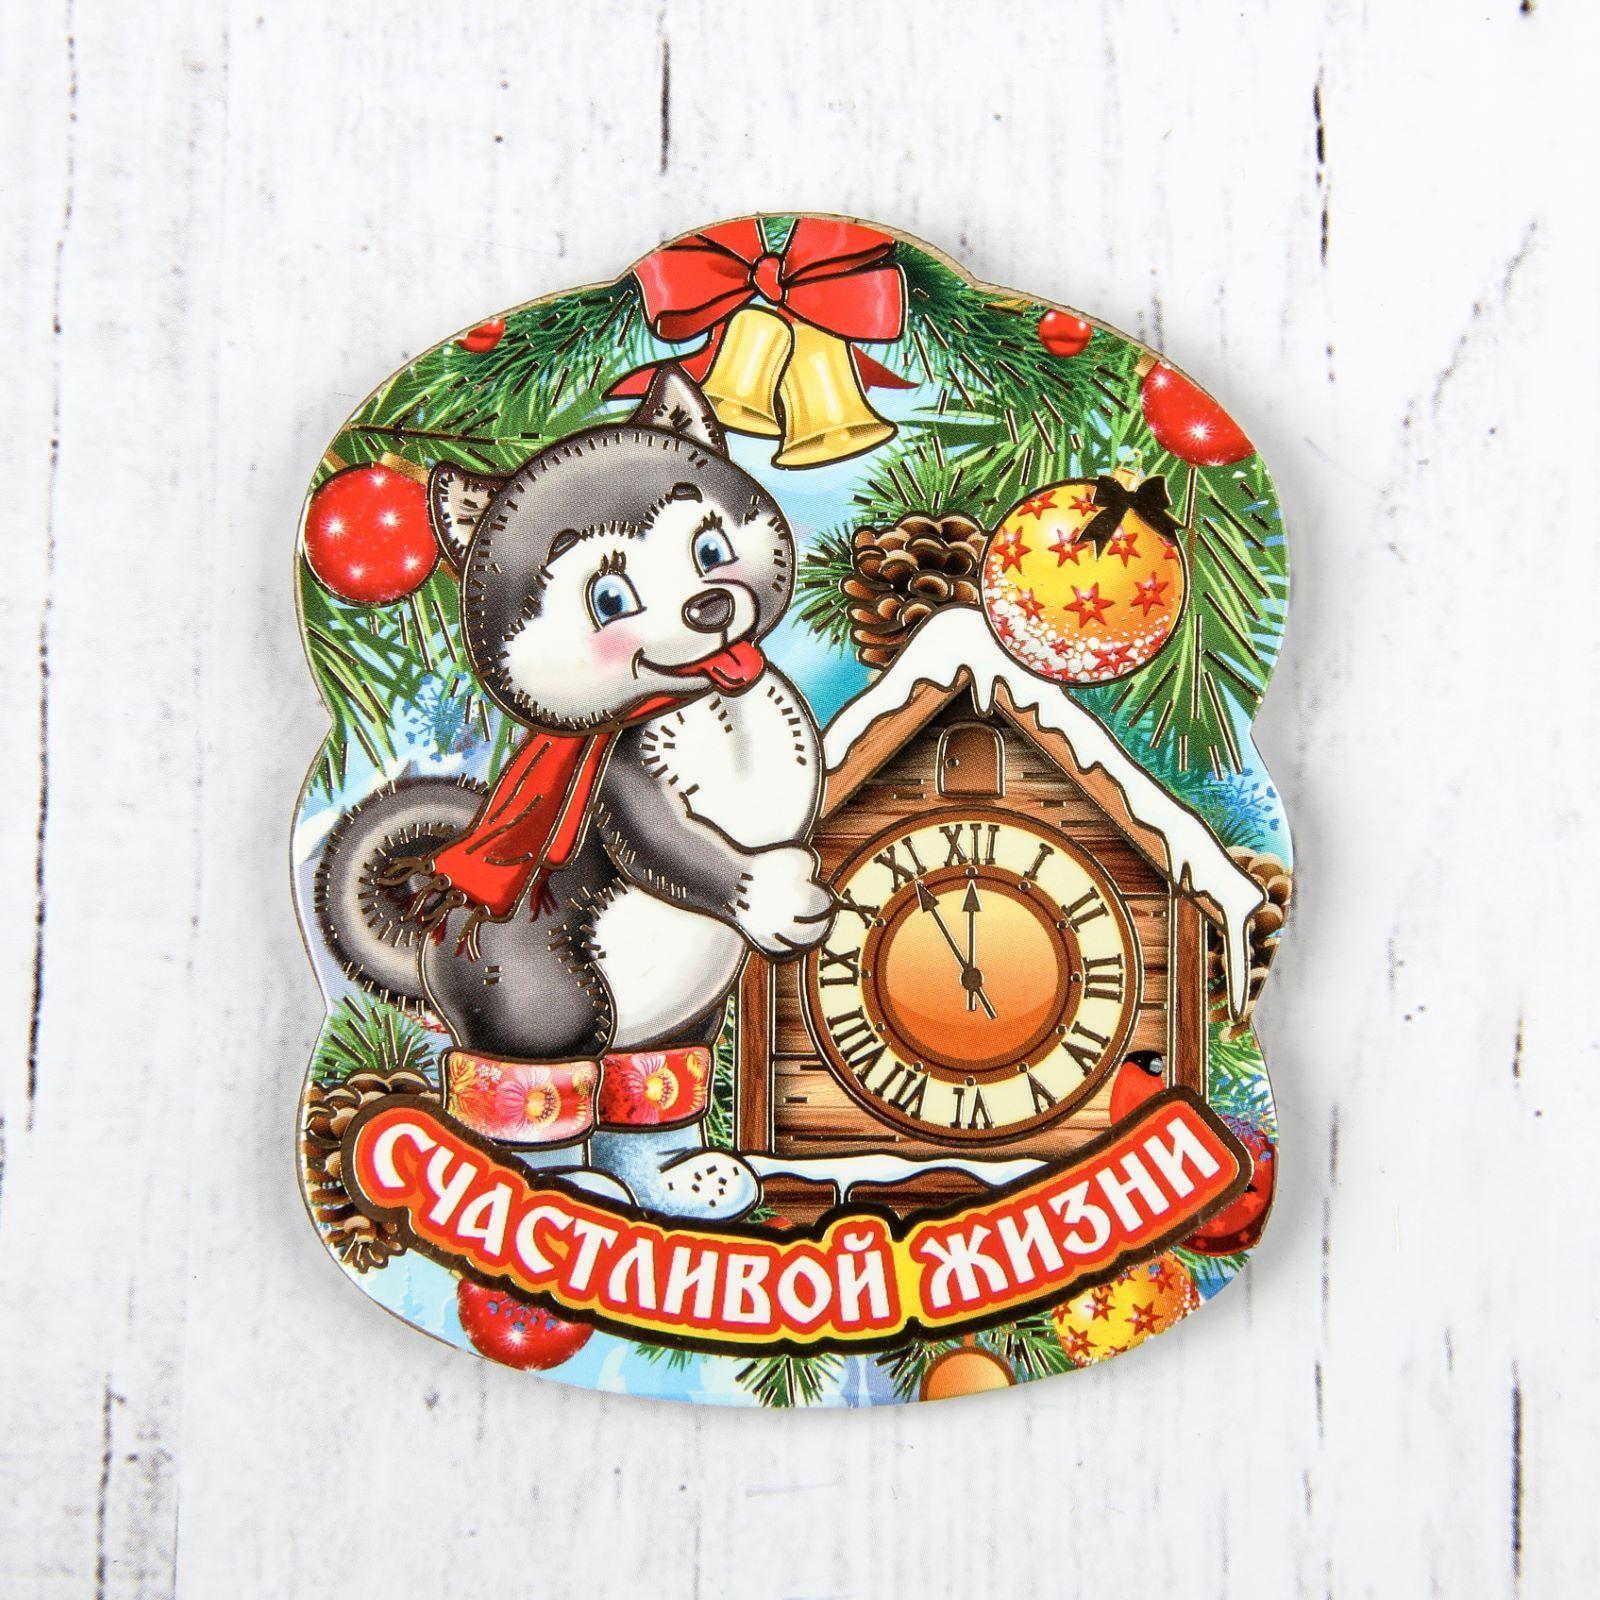 Магнит Sima-land Новогодний. 2018, 9 х 7,5 см. 25324292532429Порадуйте родных и близких оригинальным сувениром: преподнесите в подарок магнит. С ним даже самый серьезный человек почувствует себя ребенком, ожидающим чудо! Прикрепите его к любой металлической поверхности, и он удержит на виду важные записки, любовные послания или просто список продуктов.Создайте праздничное настроение, и оно останется с вами на весь год.